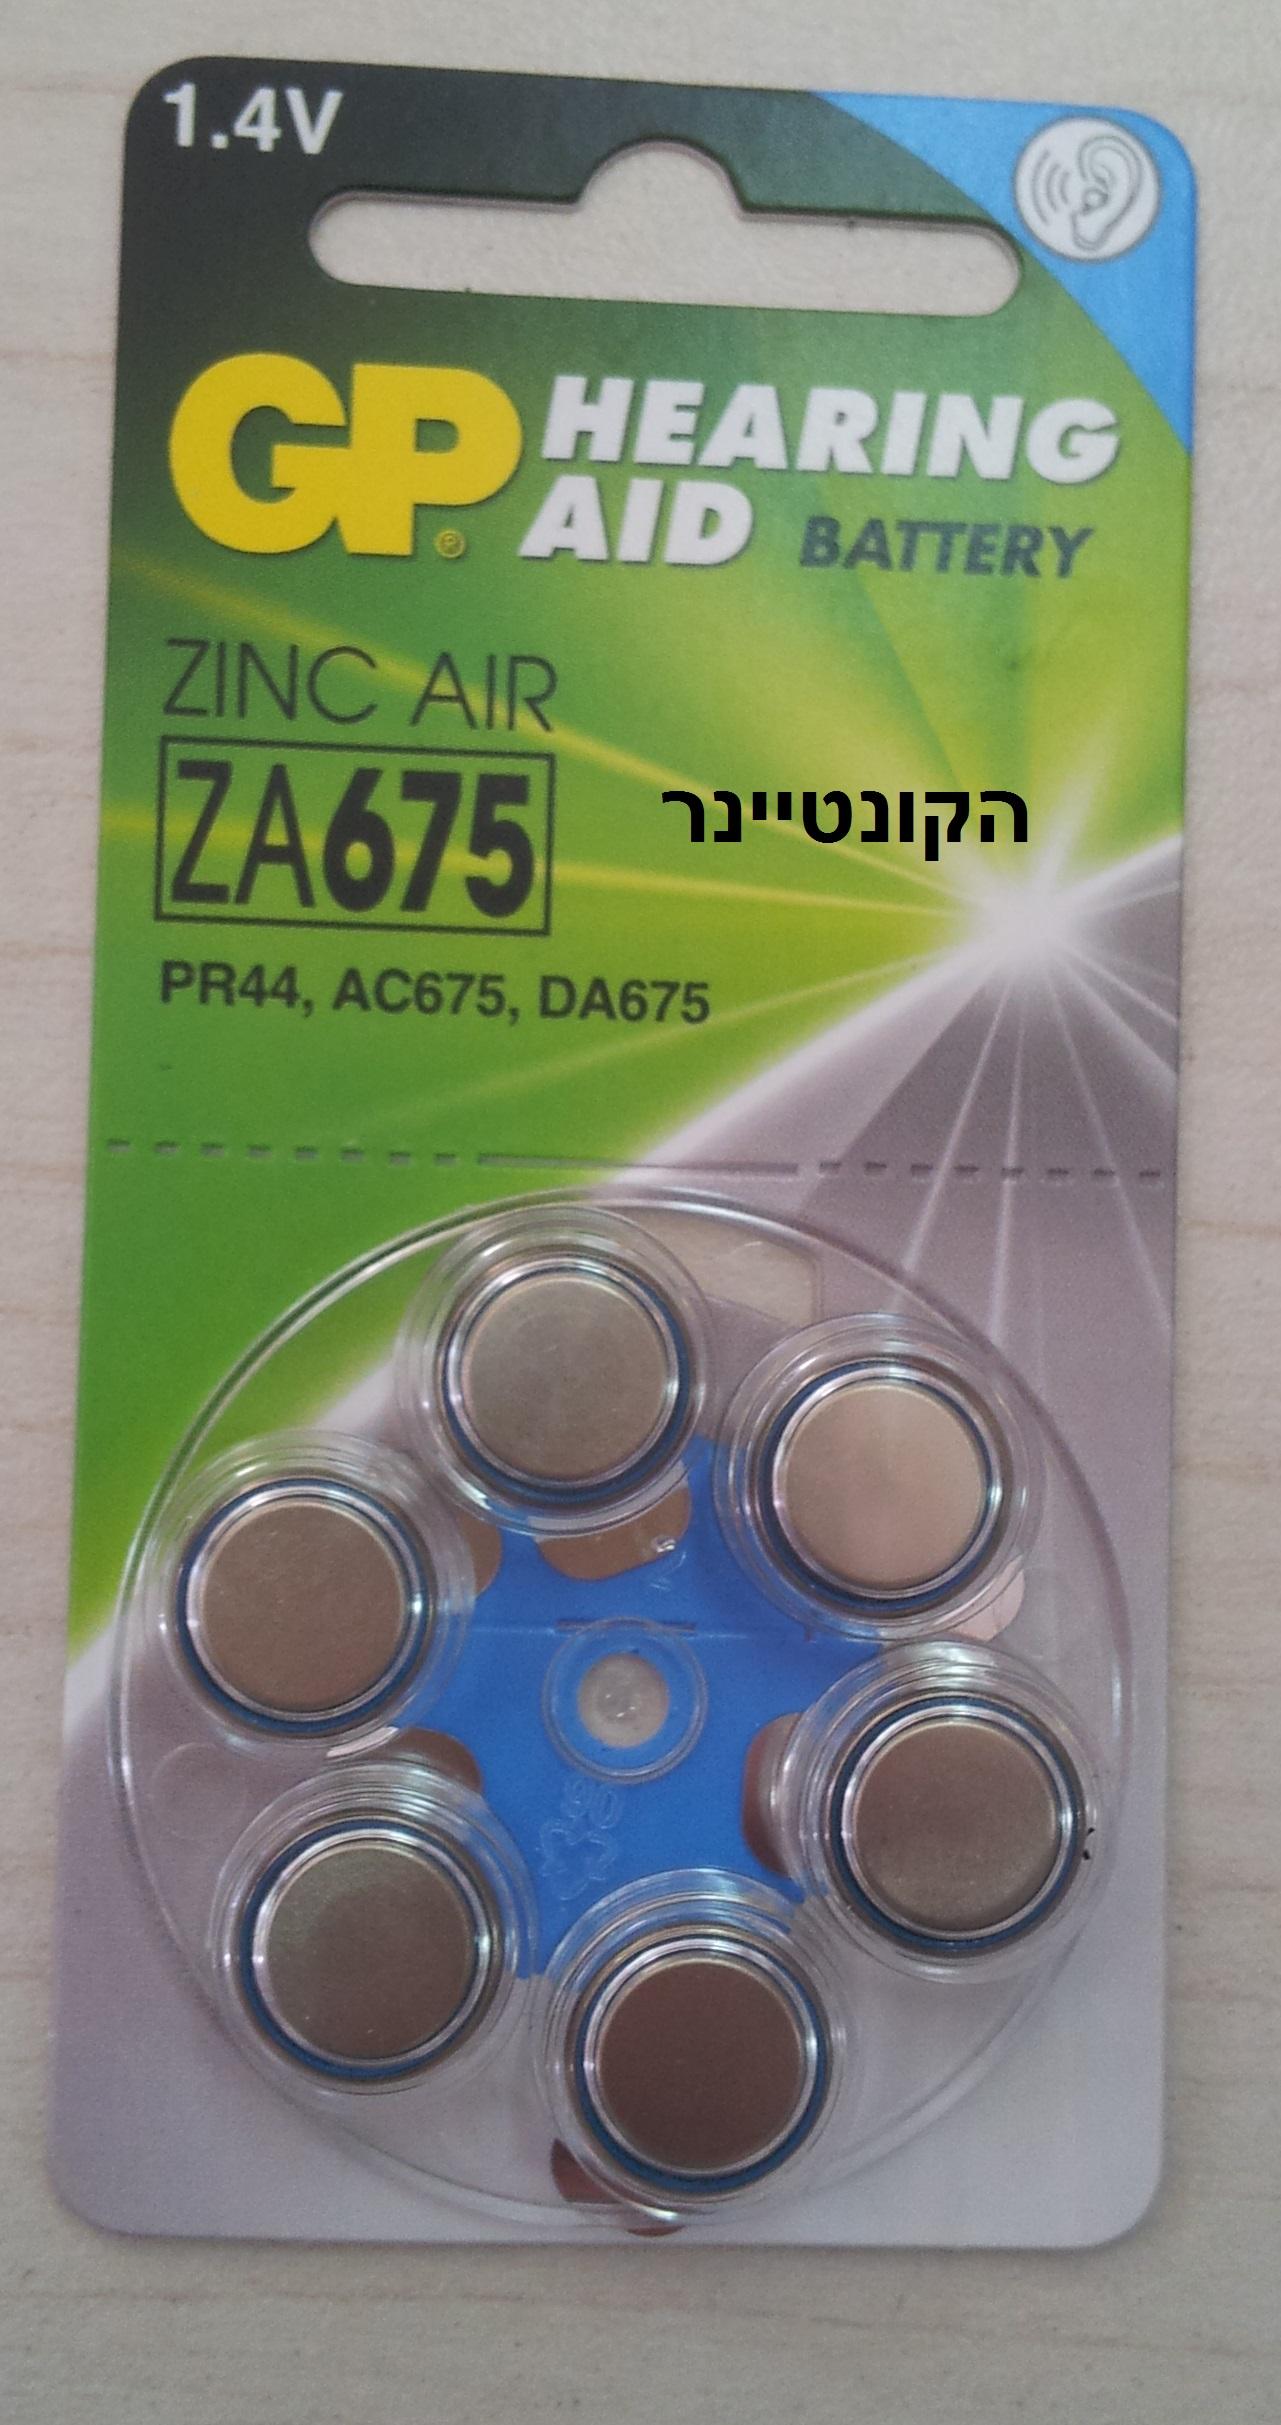 מדהים סוללות - הקונטיינר מהיצרן לצרכן ,מוצרי חשמל ביתיים 03-6707620 RE-26